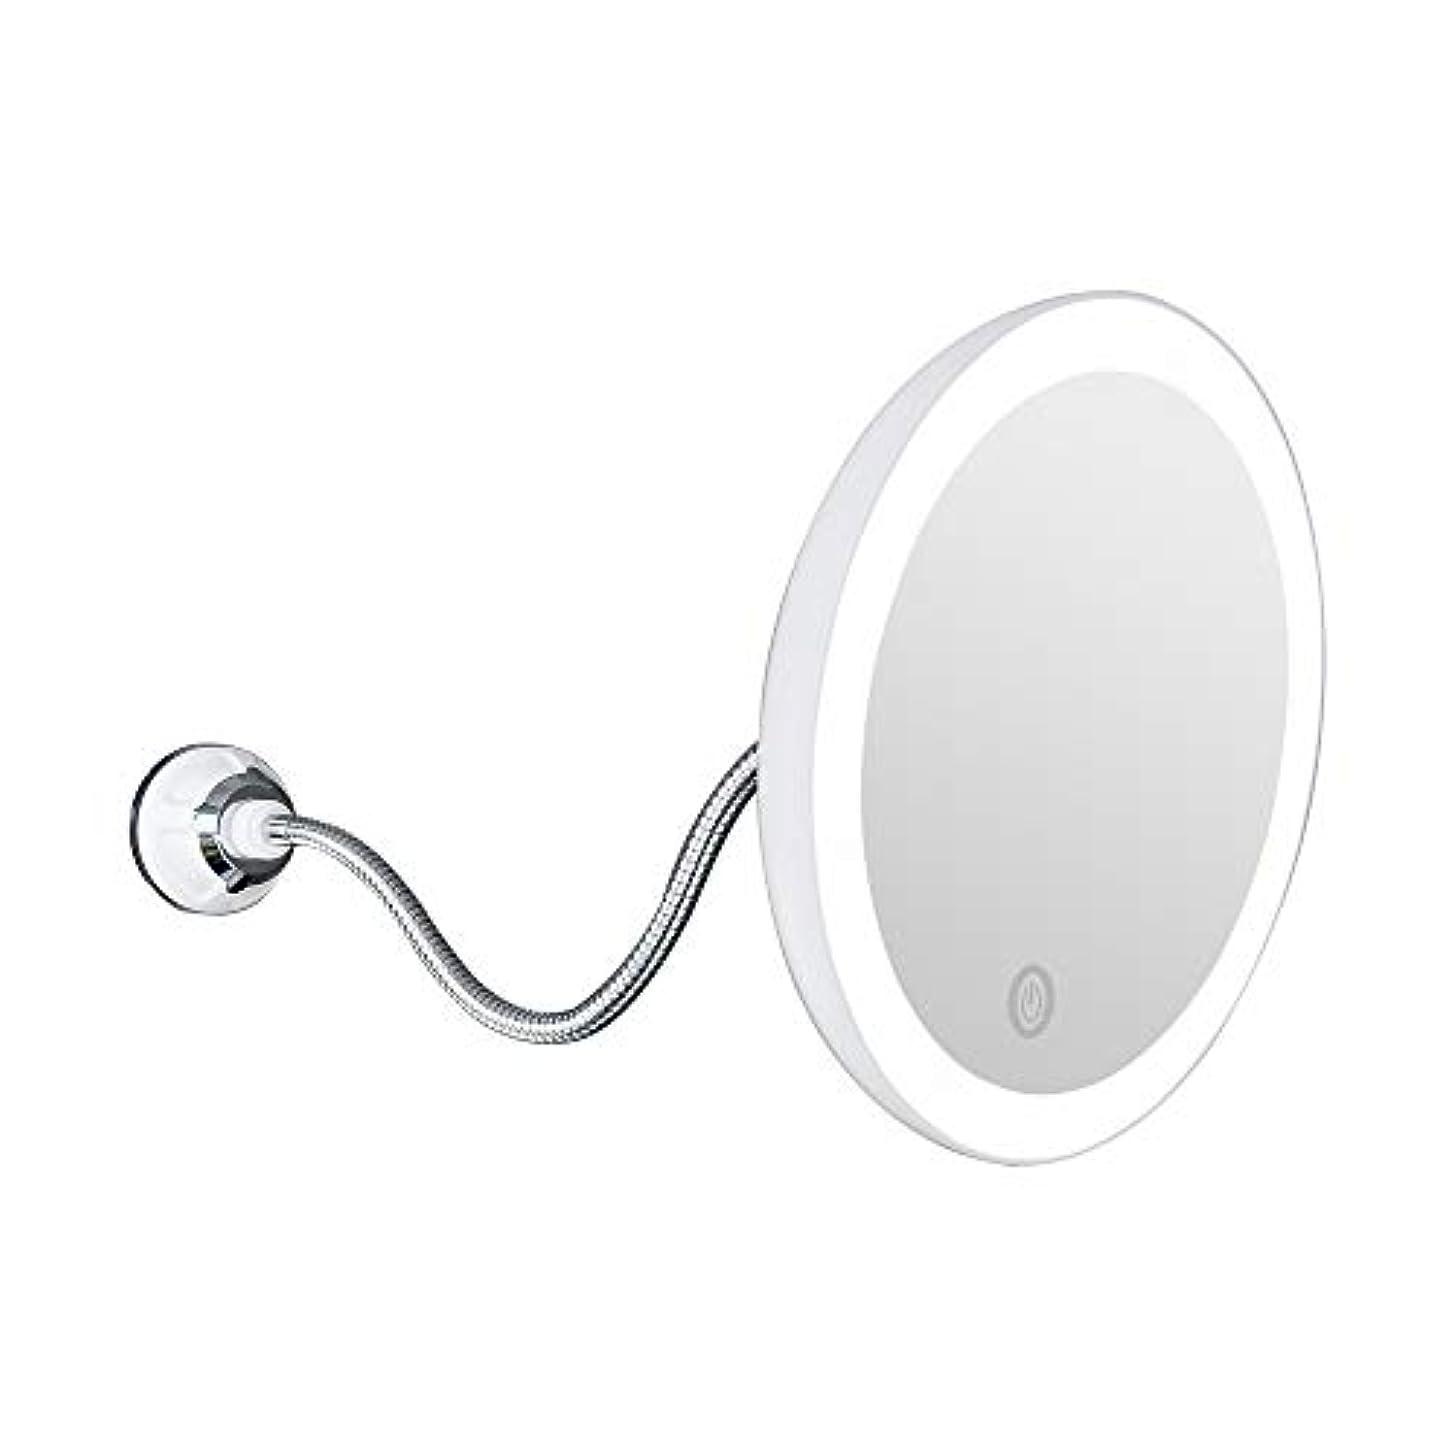 マイナススパーク秀でる10倍拡大LED照明付き化粧鏡 洗面化粧台ミラー 360度回転 柔軟な吸盤 自然光 卓上ポータブルトラベルミラー,20cm